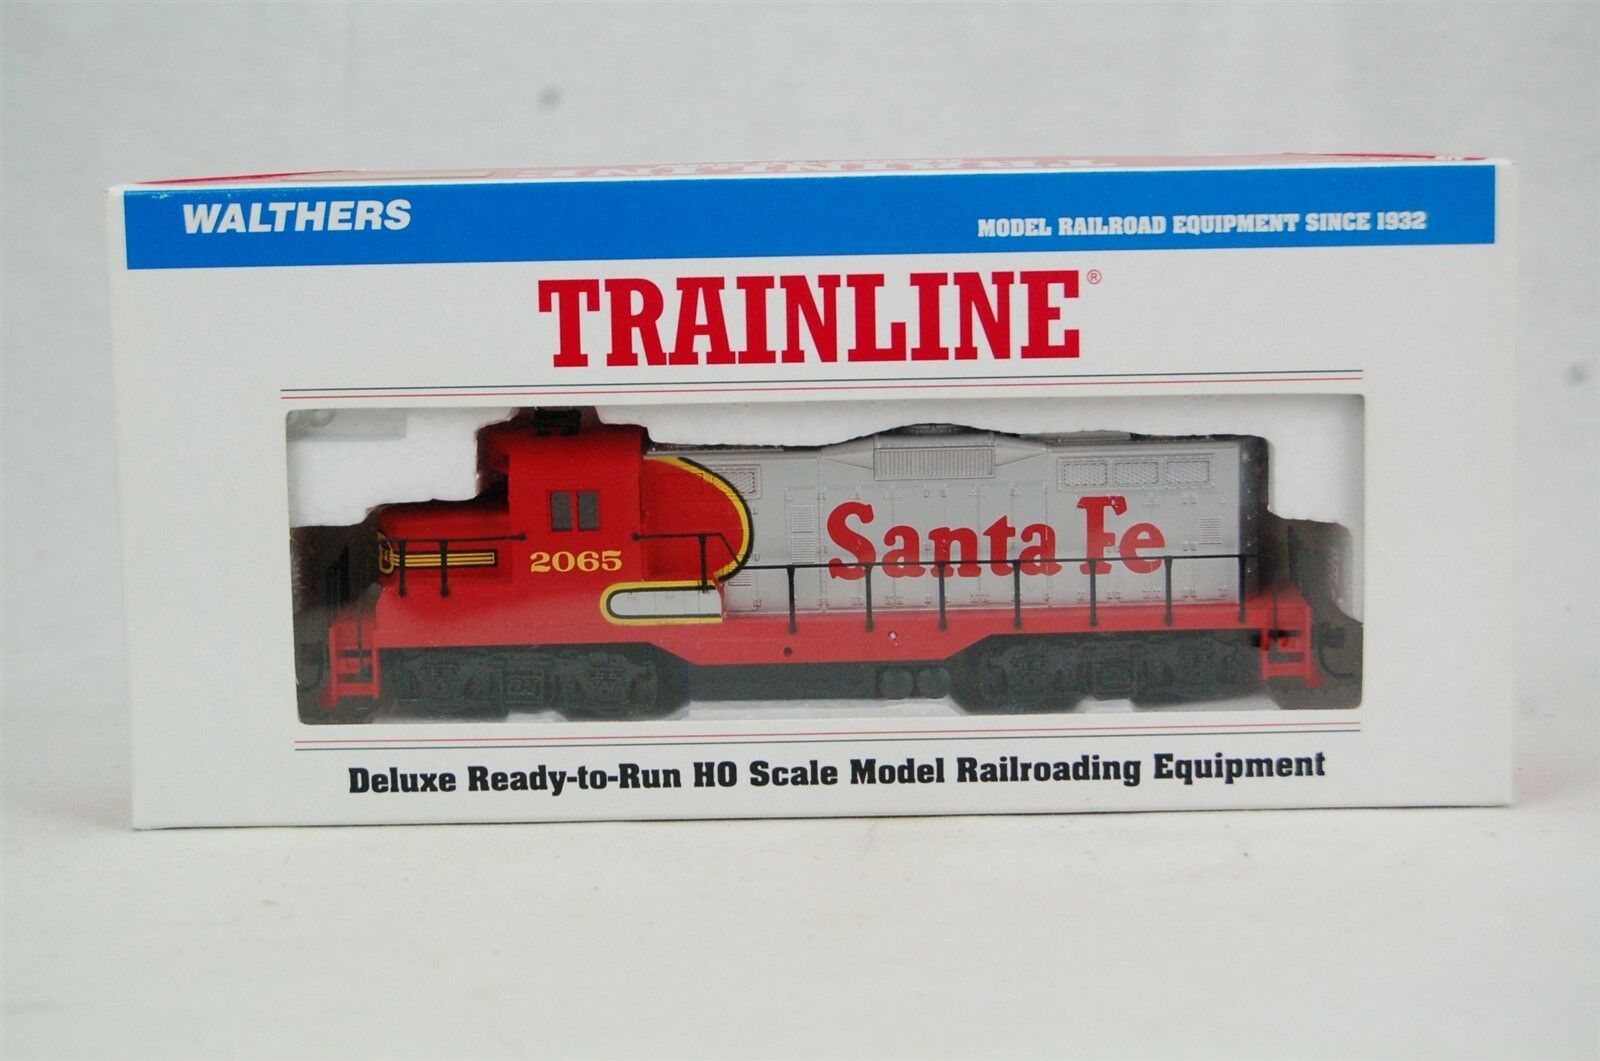 Walthers Trainline Santa Fe  2065 Locomotive Train Engine HO Scale